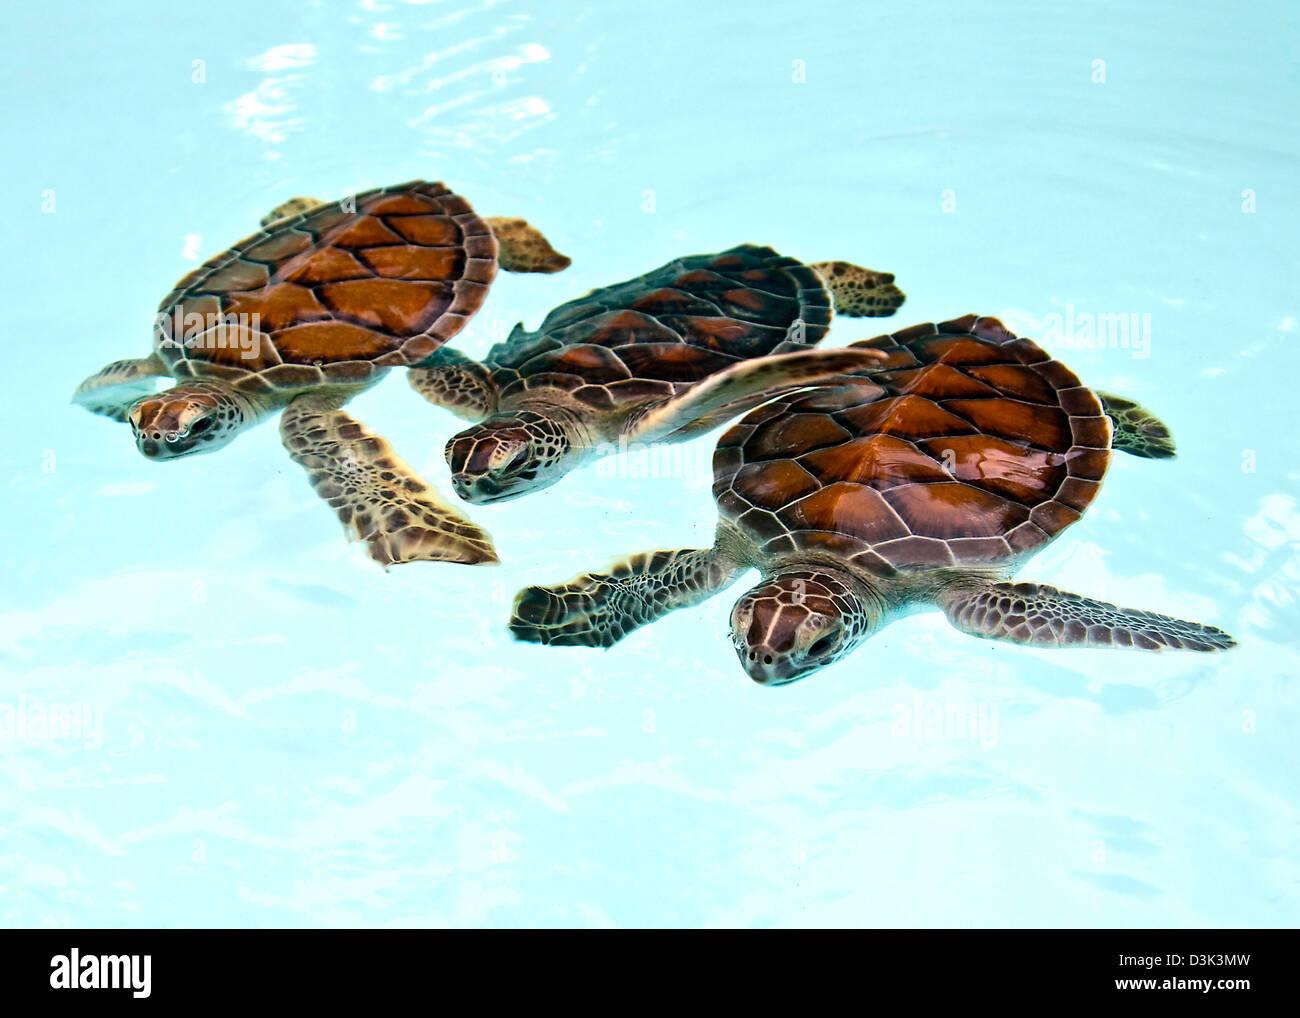 Baby Green Sea Turtle Mexico Stock Photos & Baby Green Sea ... - photo#17